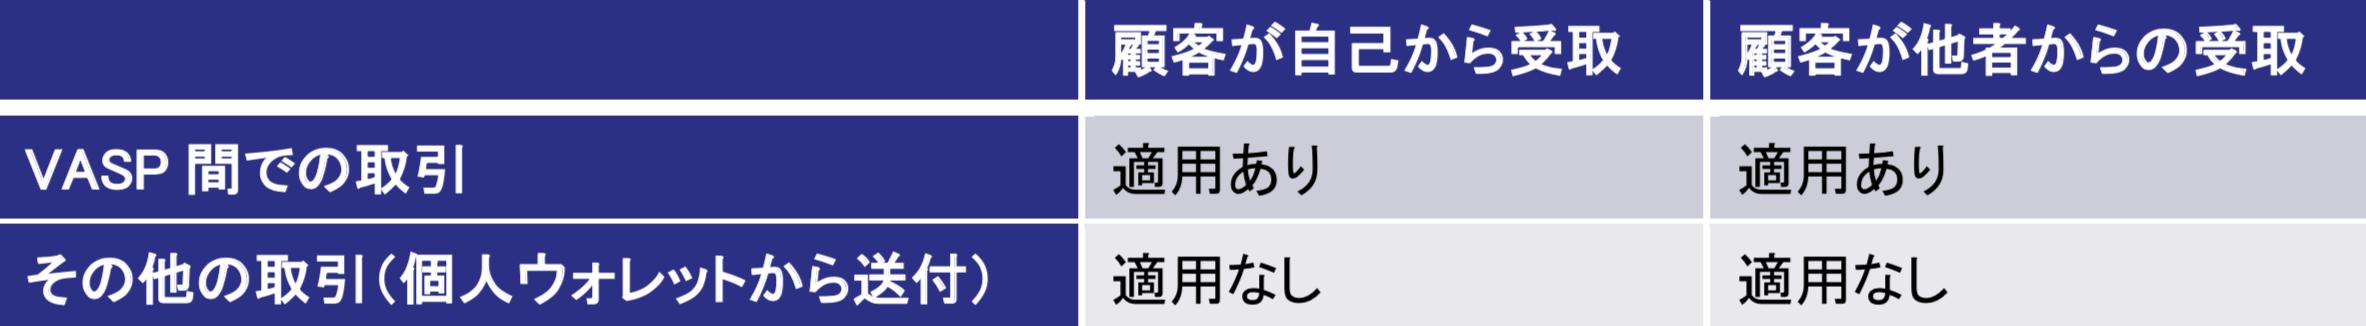 KenKawai4